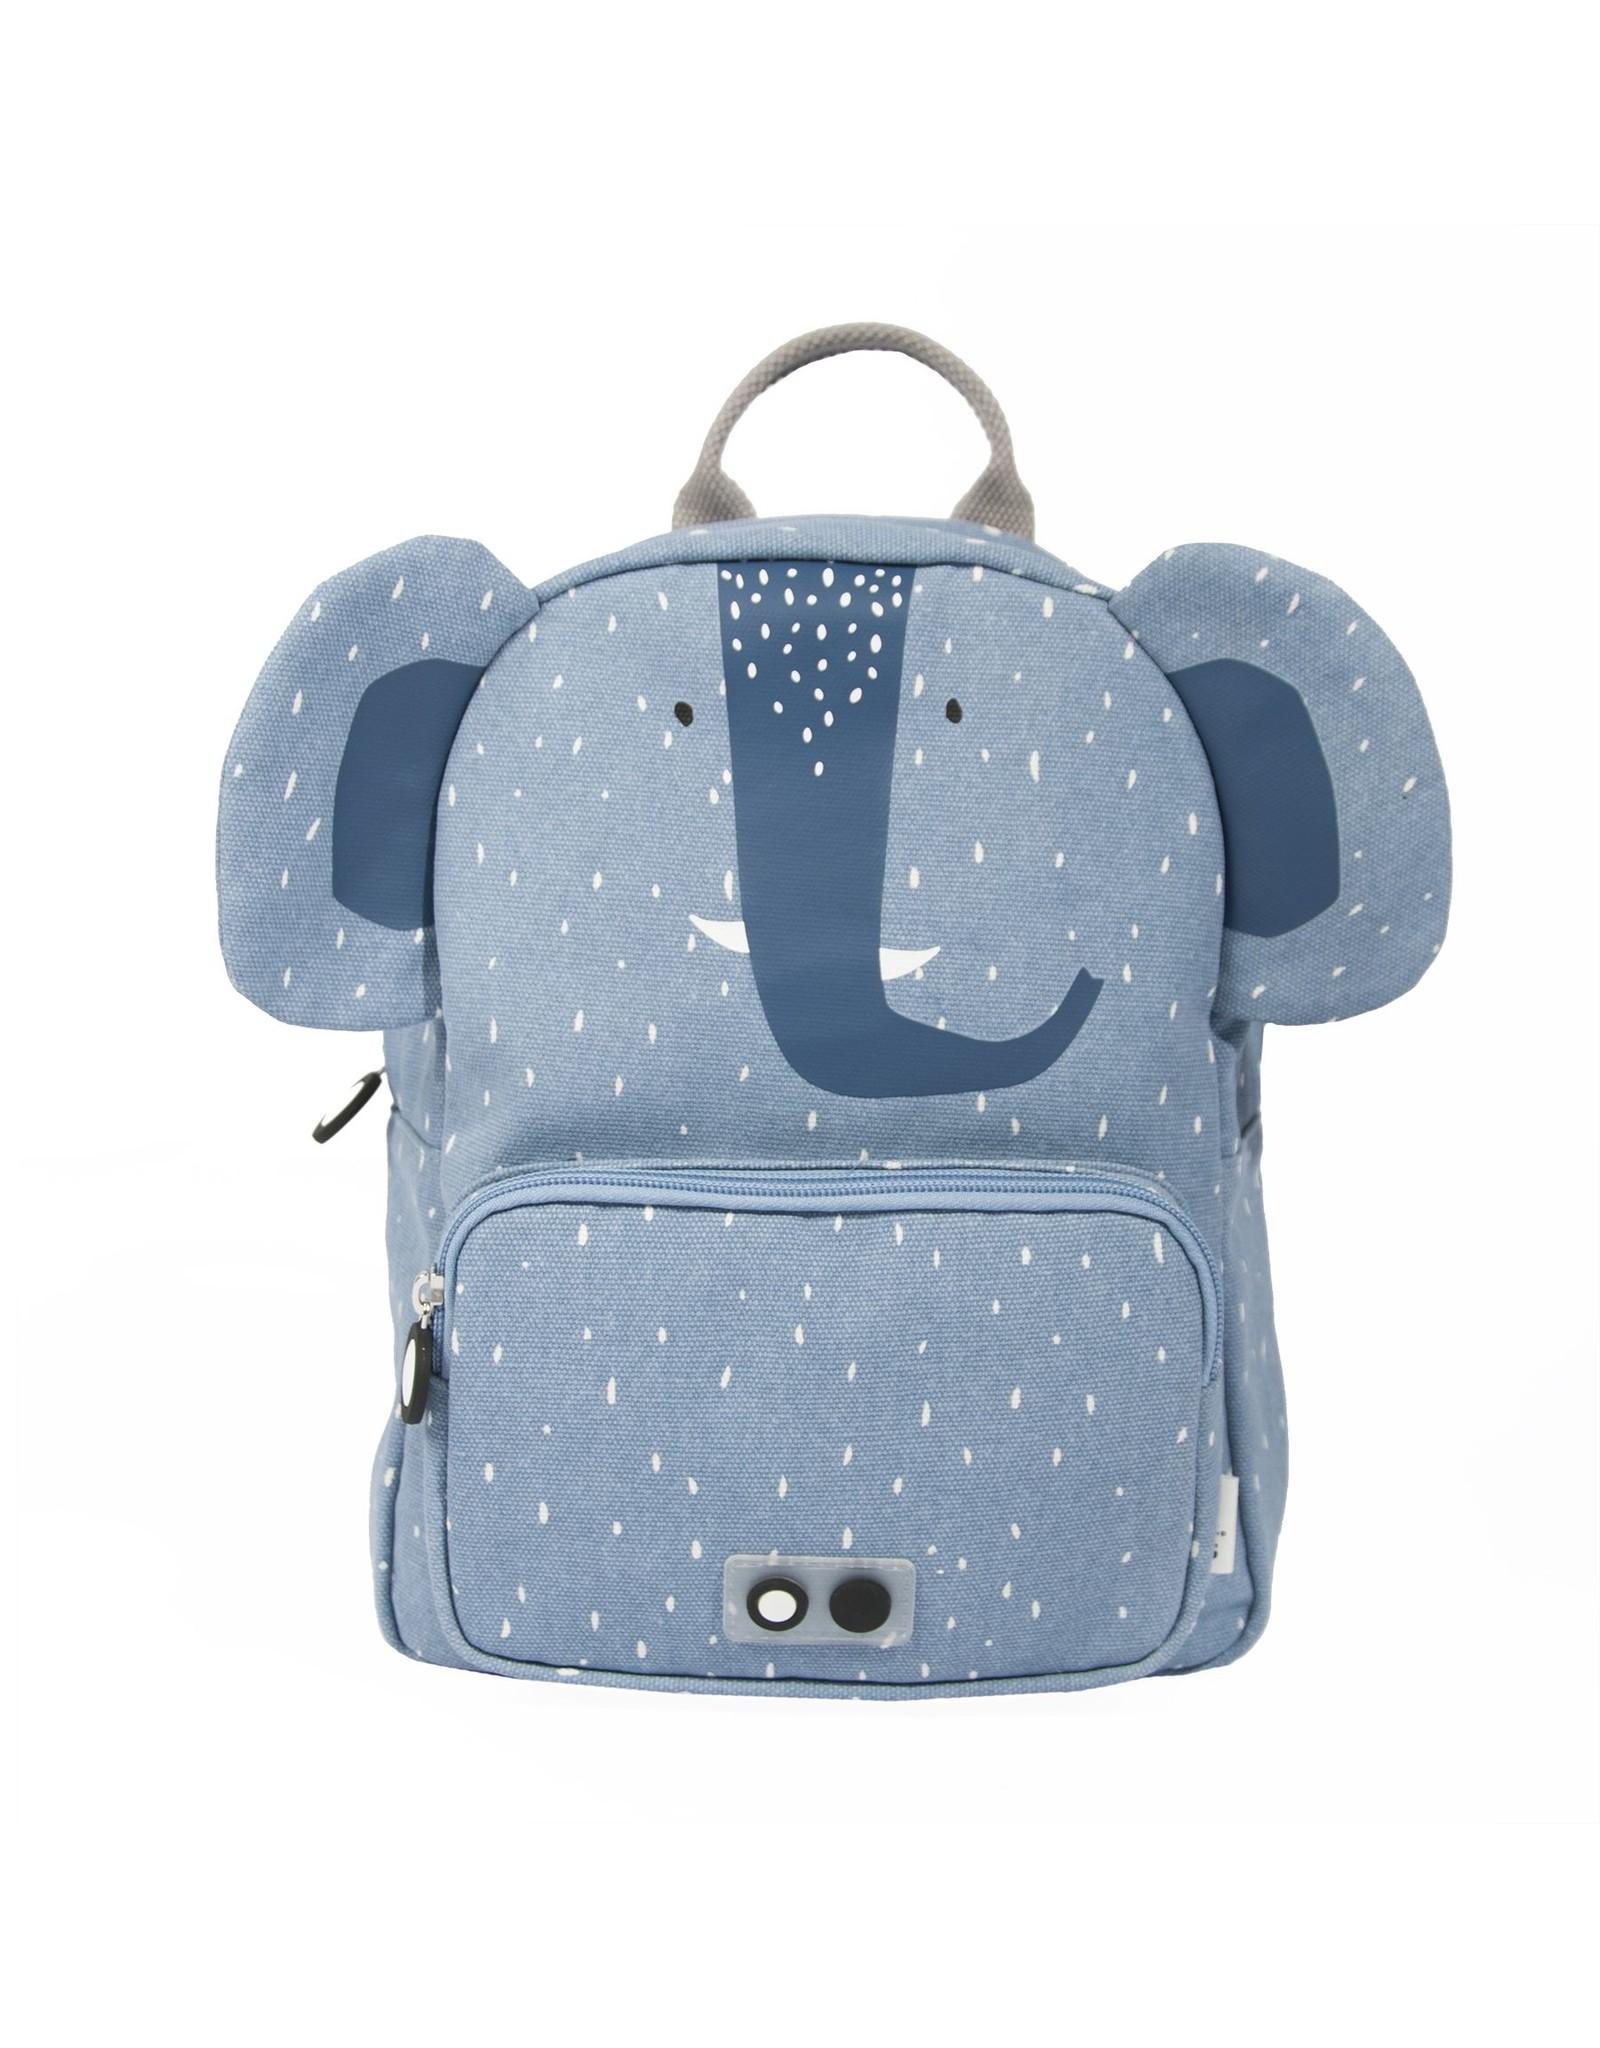 Trixie Trixie rugzakje olifant